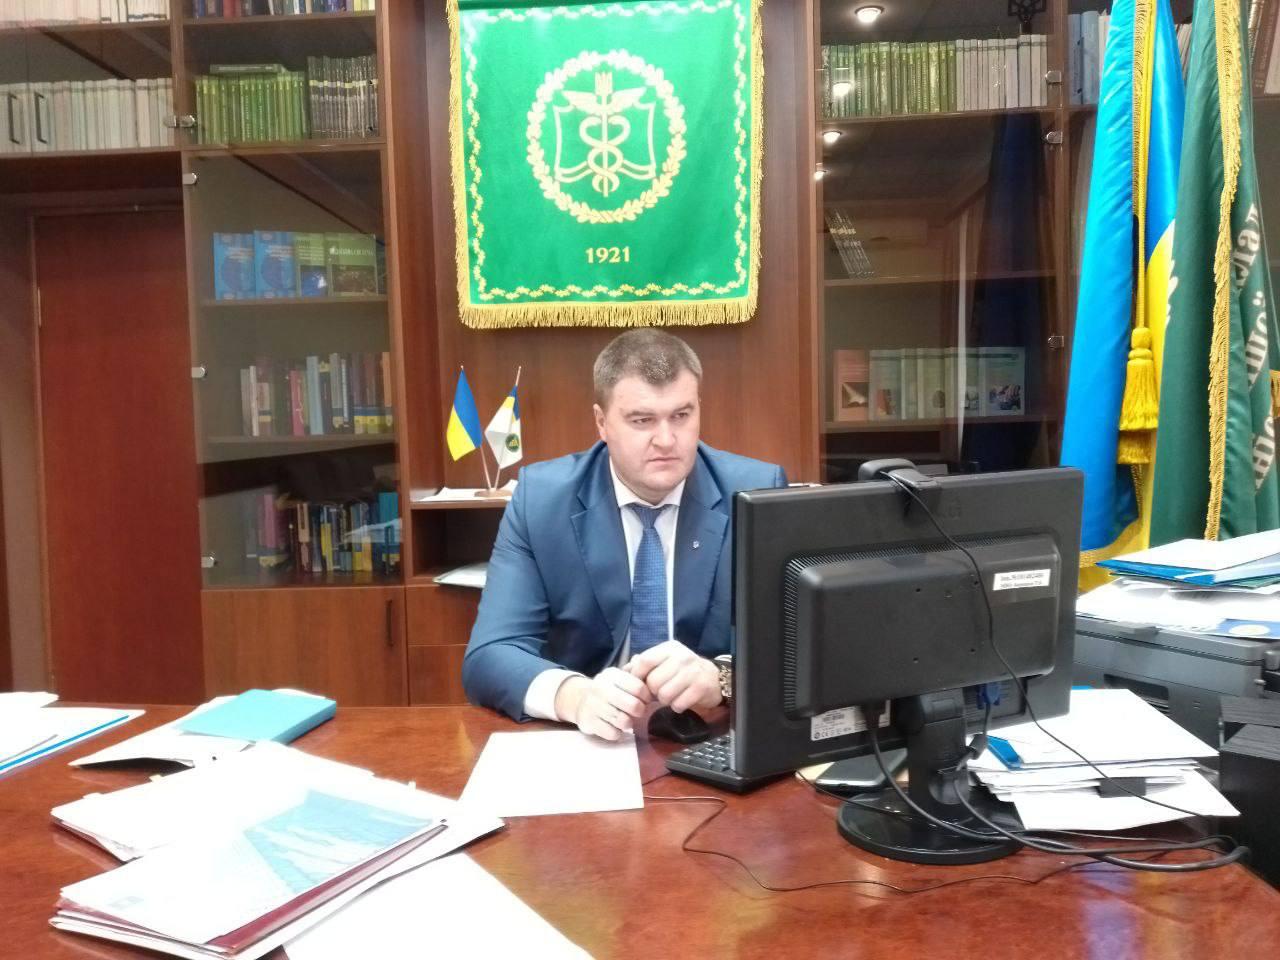 Відбулася онлайн зустріч з представниками Центру міжнародної освіти Університету Вісконсин-Мілуокі